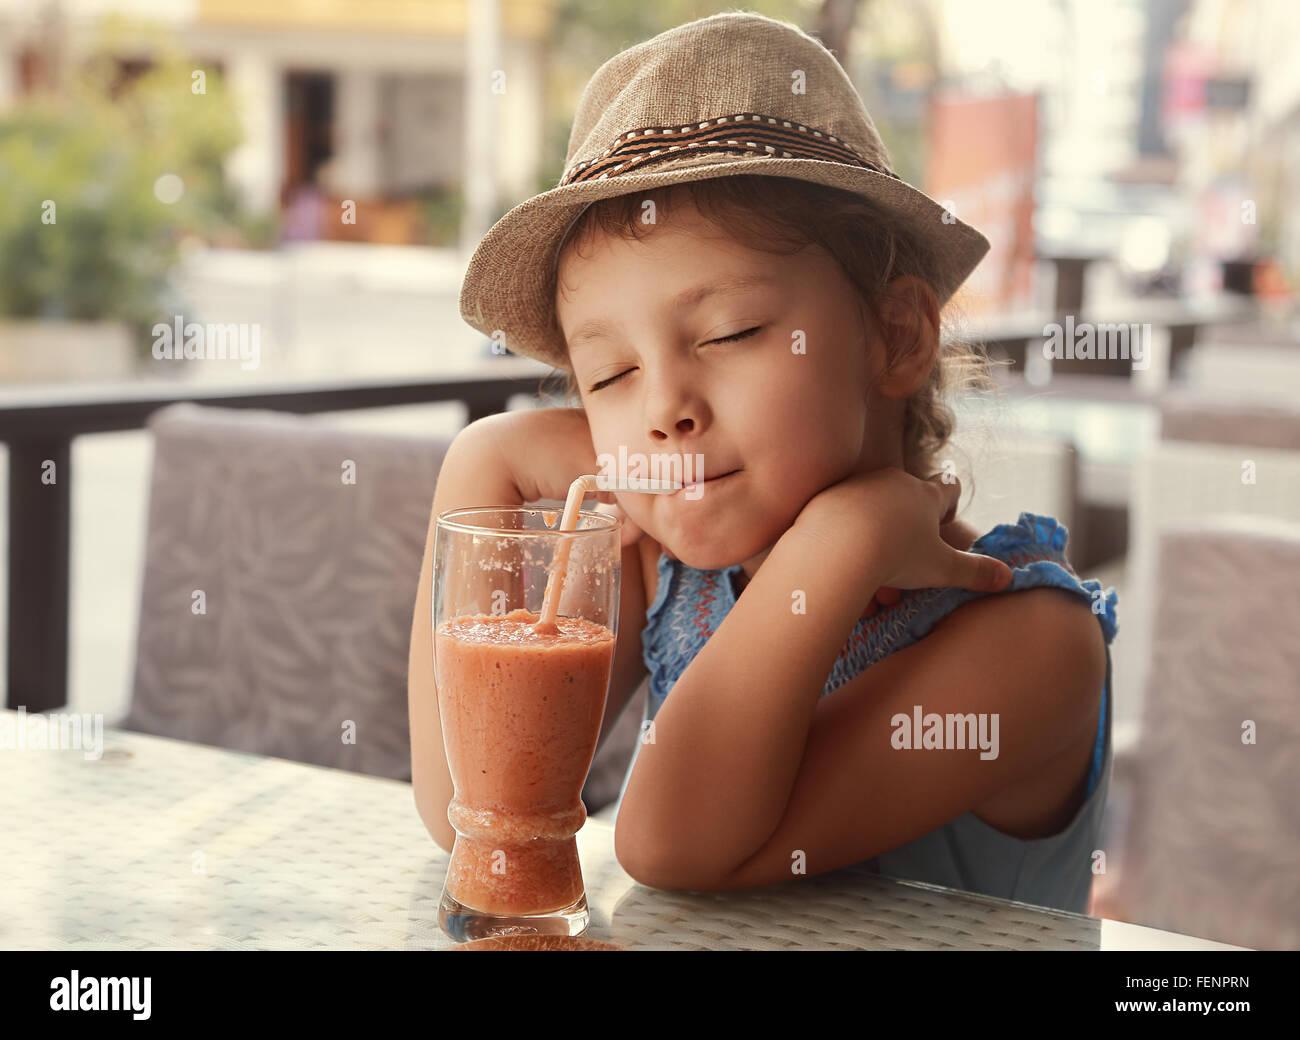 Feliz desfrutando kid menina beber saboroso smoothie natural suco com fechado os olhos no restaurante rua descontraído Imagens de Stock